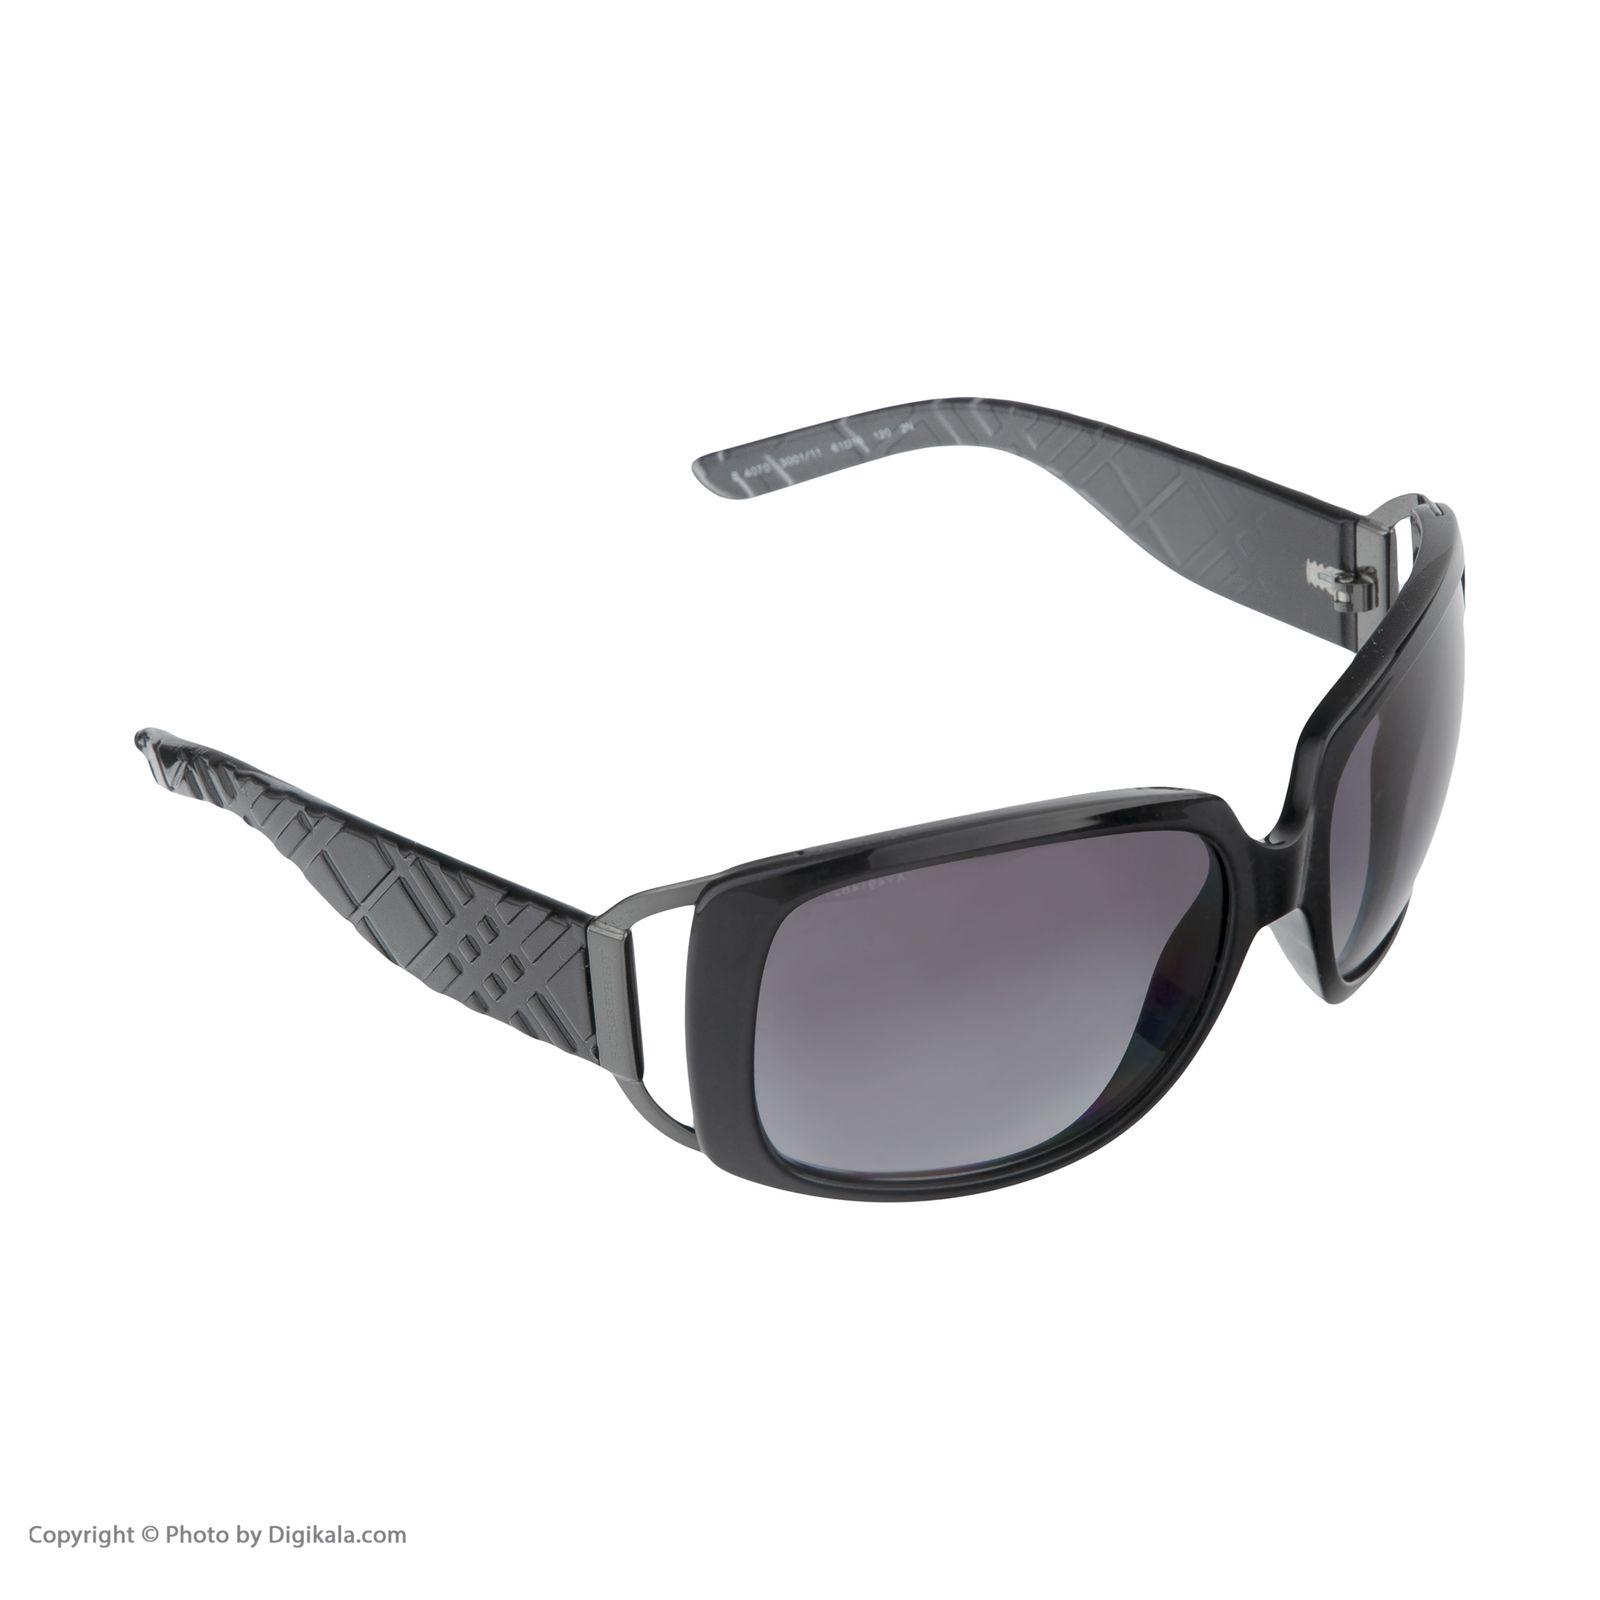 عینک آفتابی زنانه بربری مدل BE 4070S 300111 61 -  - 4